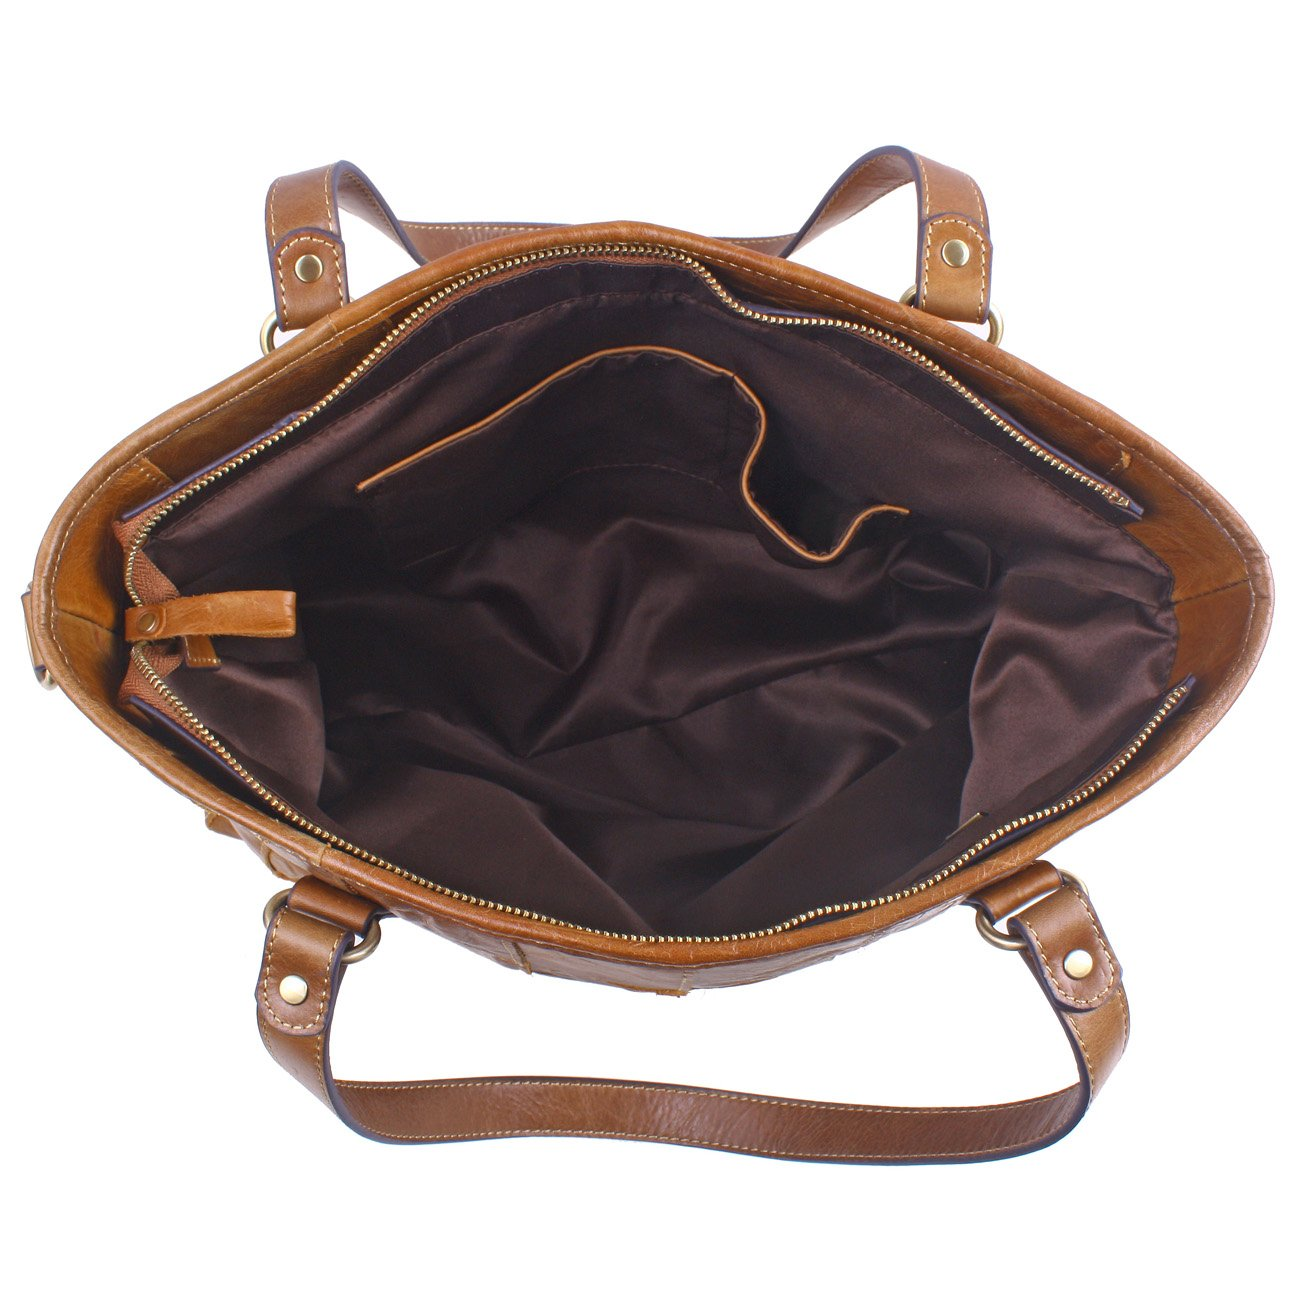 e6e6b3d1f9891 Amazon.com  BIG SALE-Yafeige Women s Vintage Handbag Genuine Leather  Shoulder Bag Tote Bags Satchel Large Cross Body Purse(Brown)  Shoes